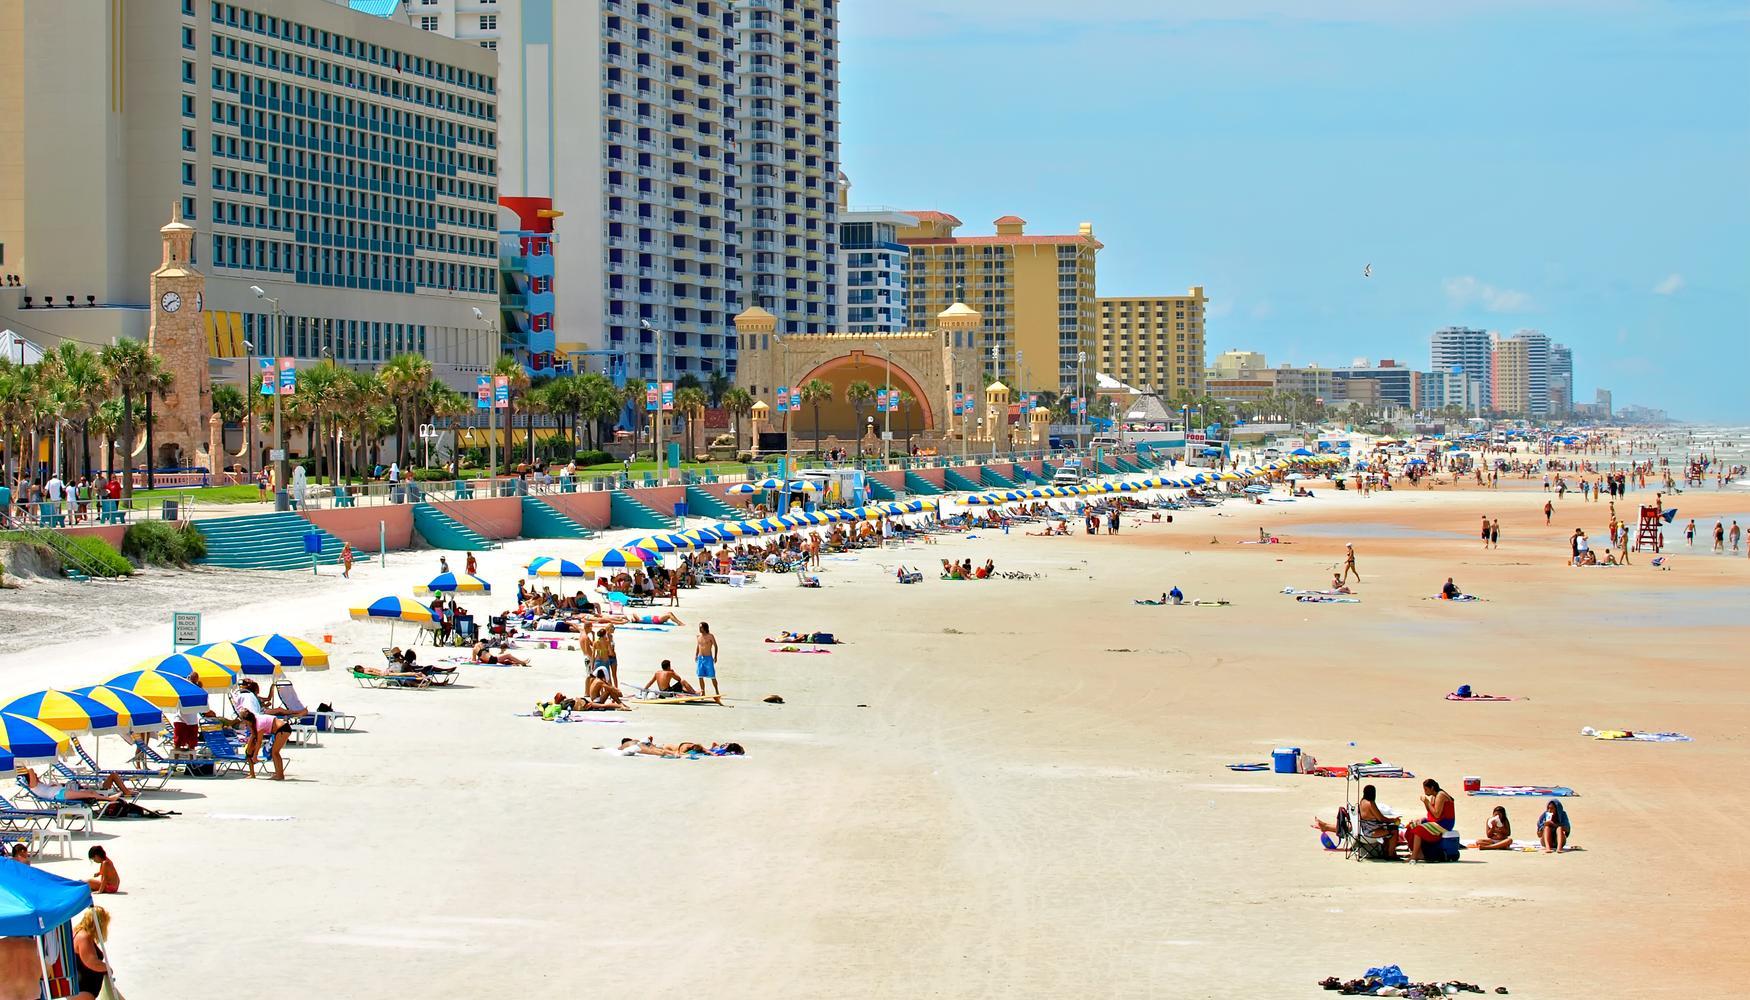 Carros de aluguer em Aeroporto de Daytona Beach